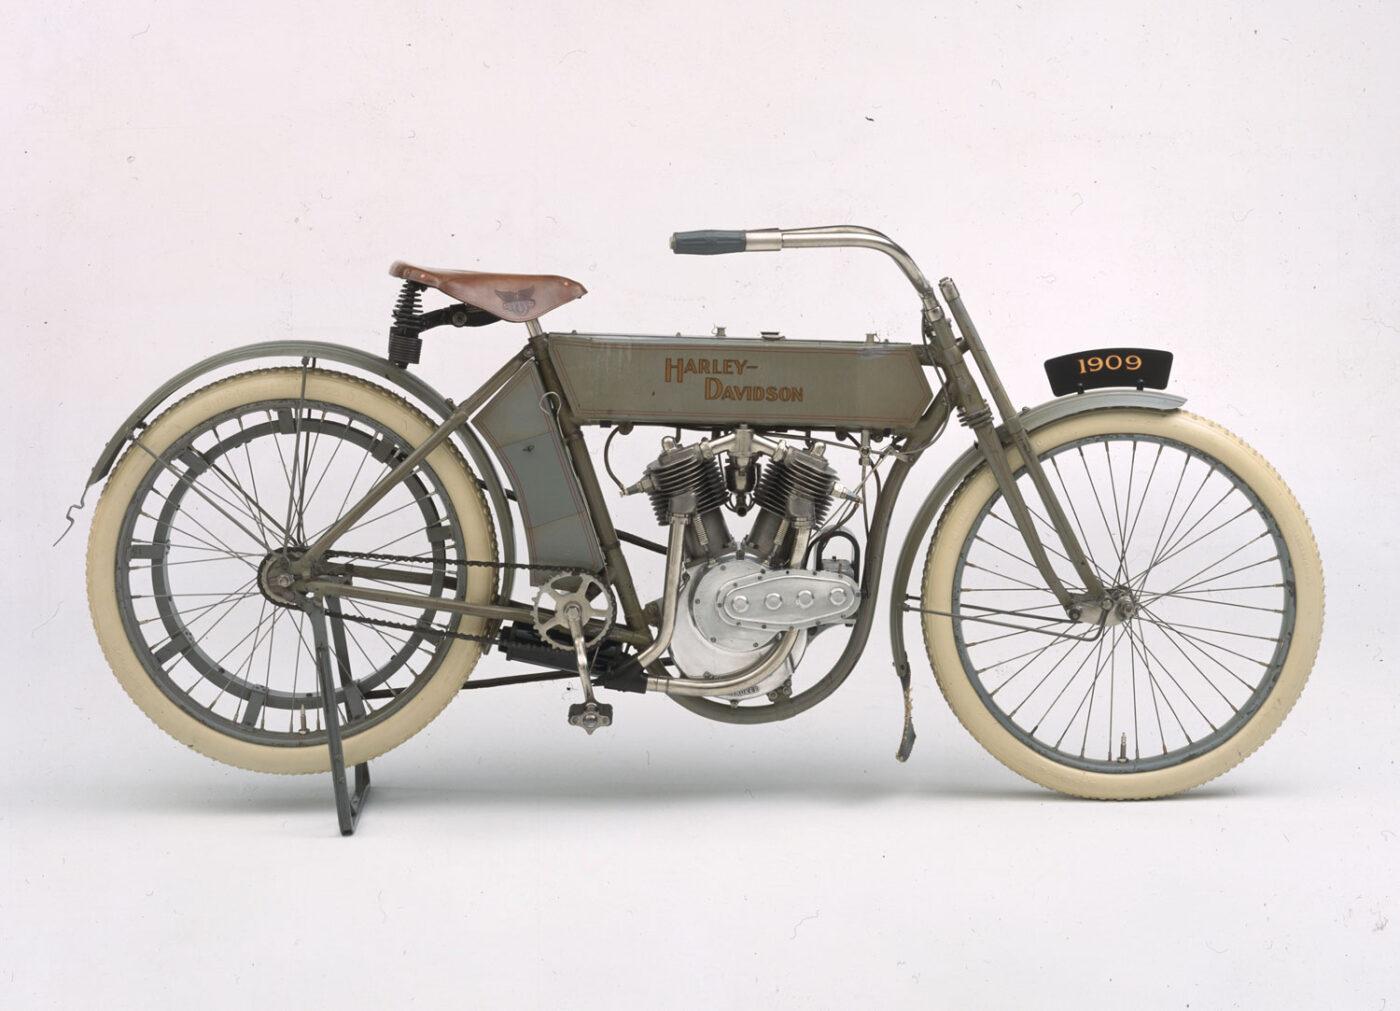 Harley-Davidson 1909 Model 5D